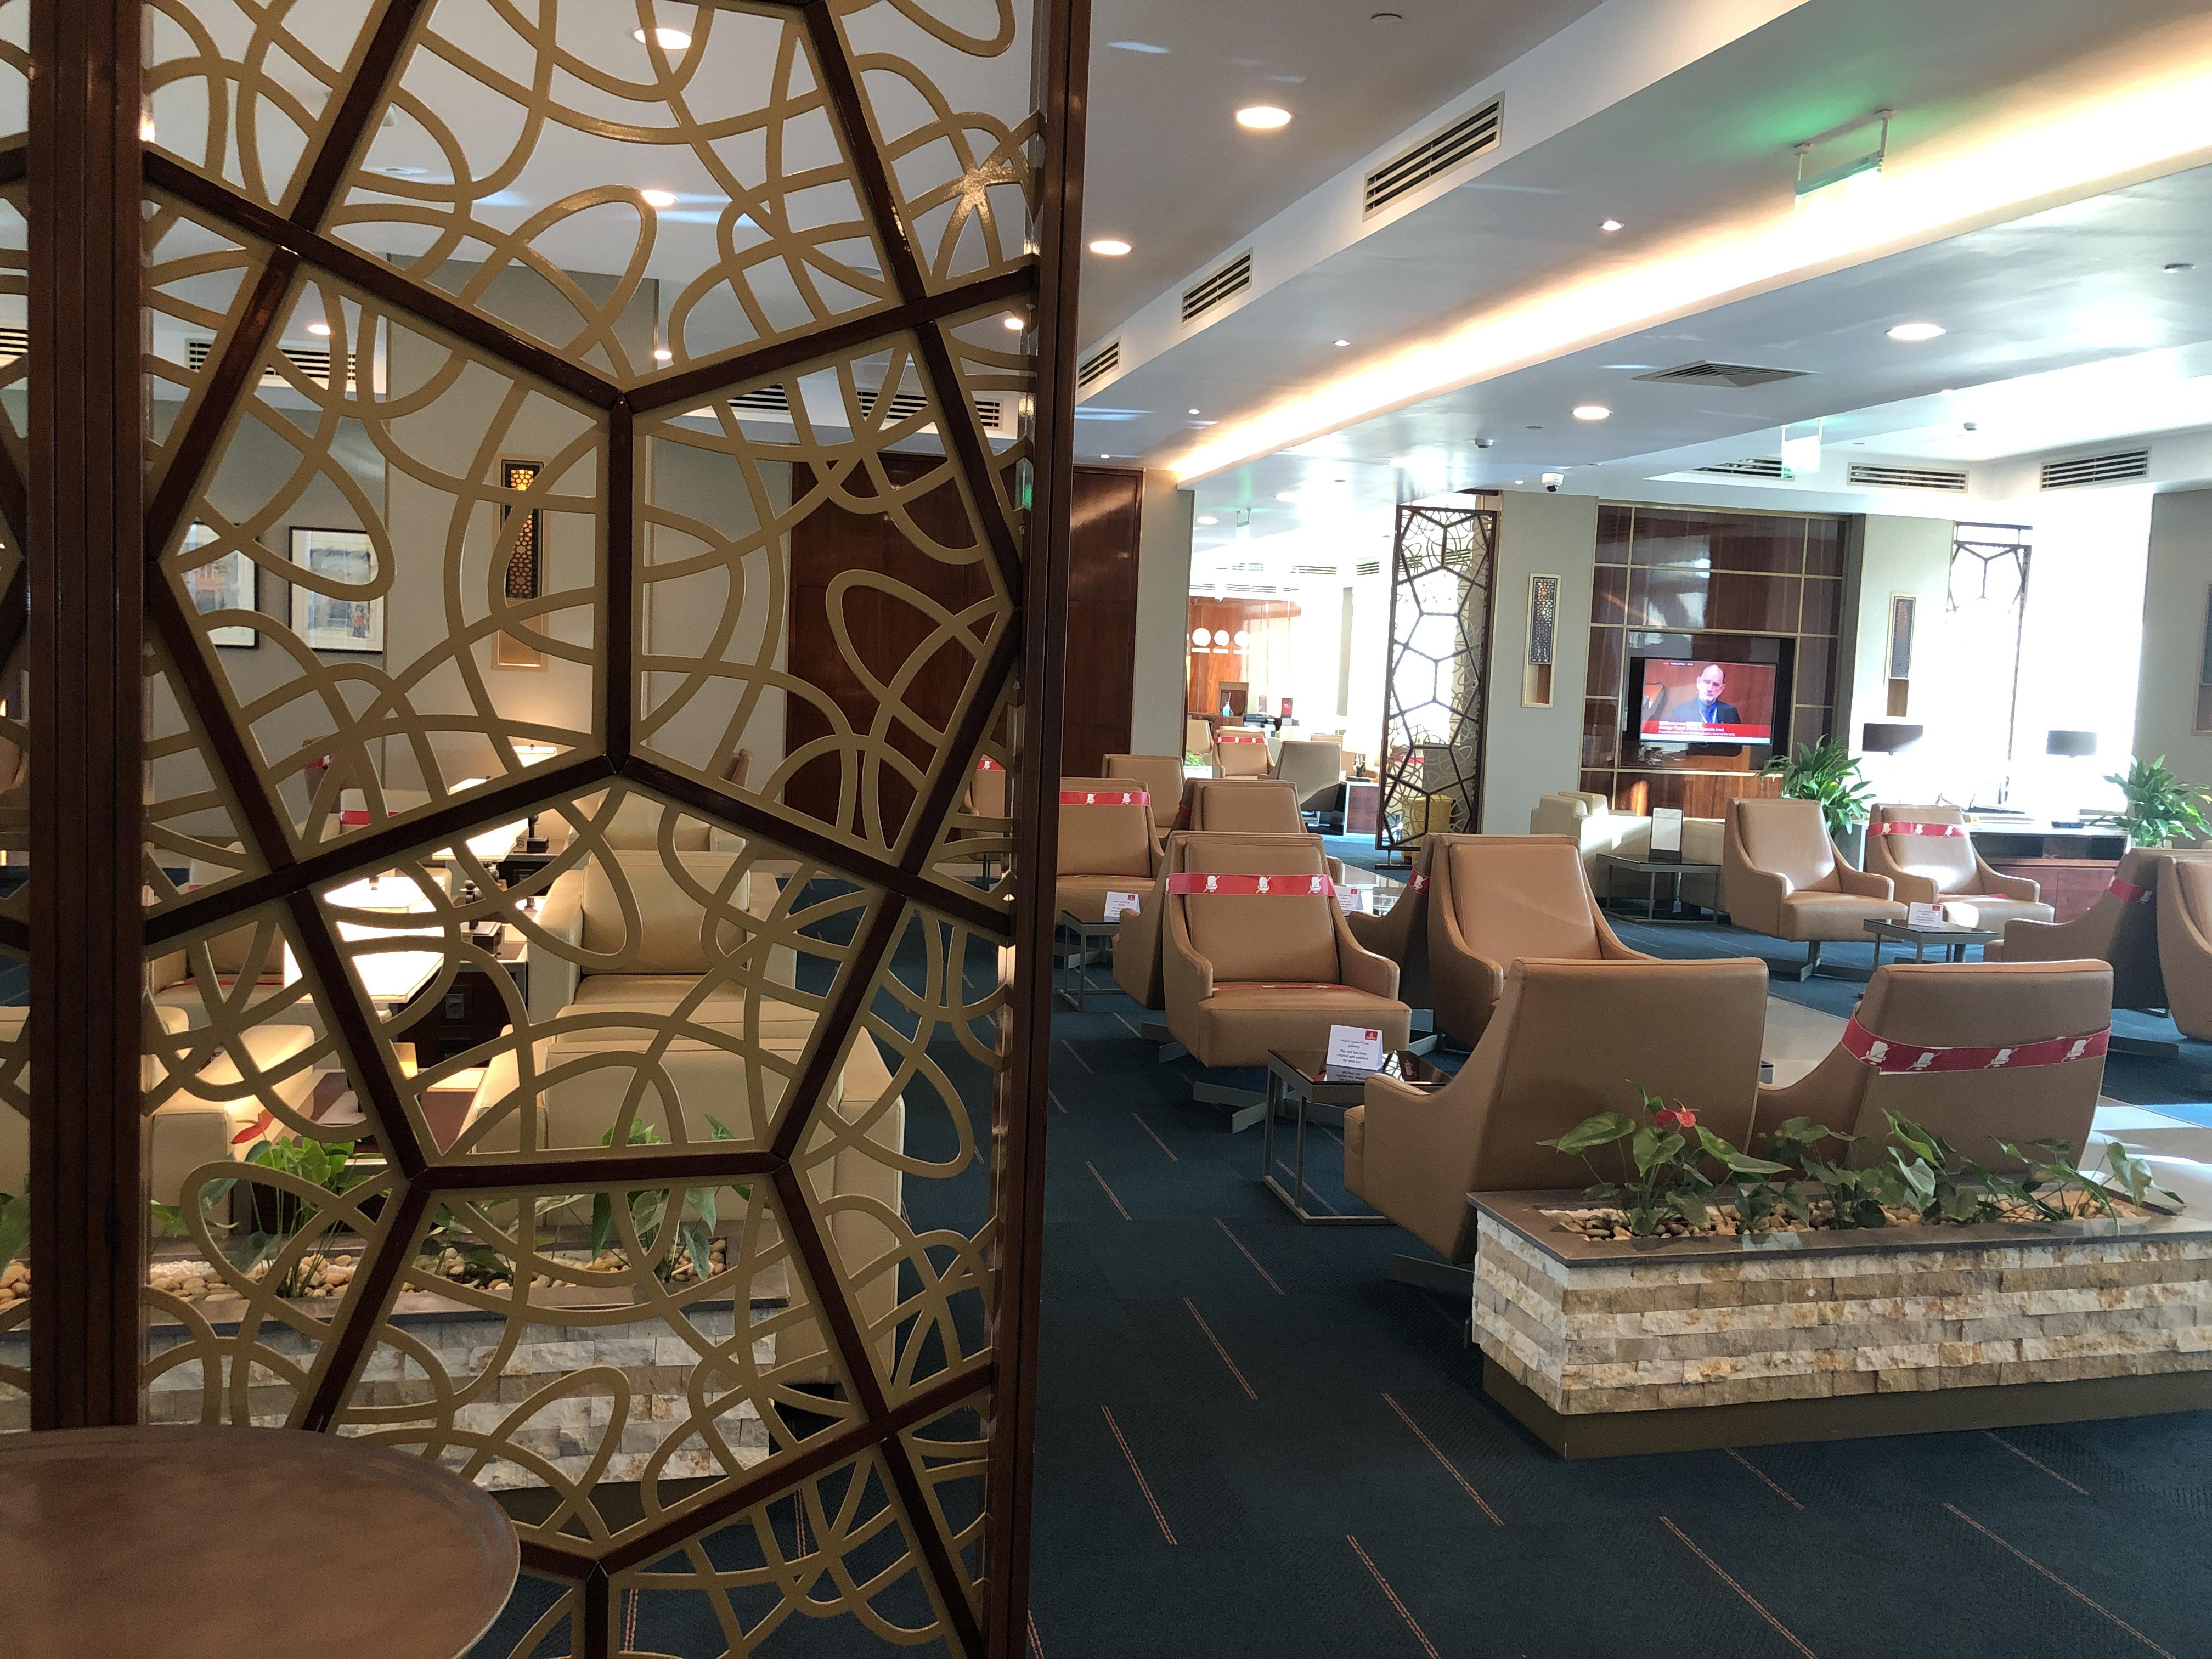 Lounge Review : カイロ空港(CAI)ターミナル2 エミレーツ航空(EK)ラウンジ